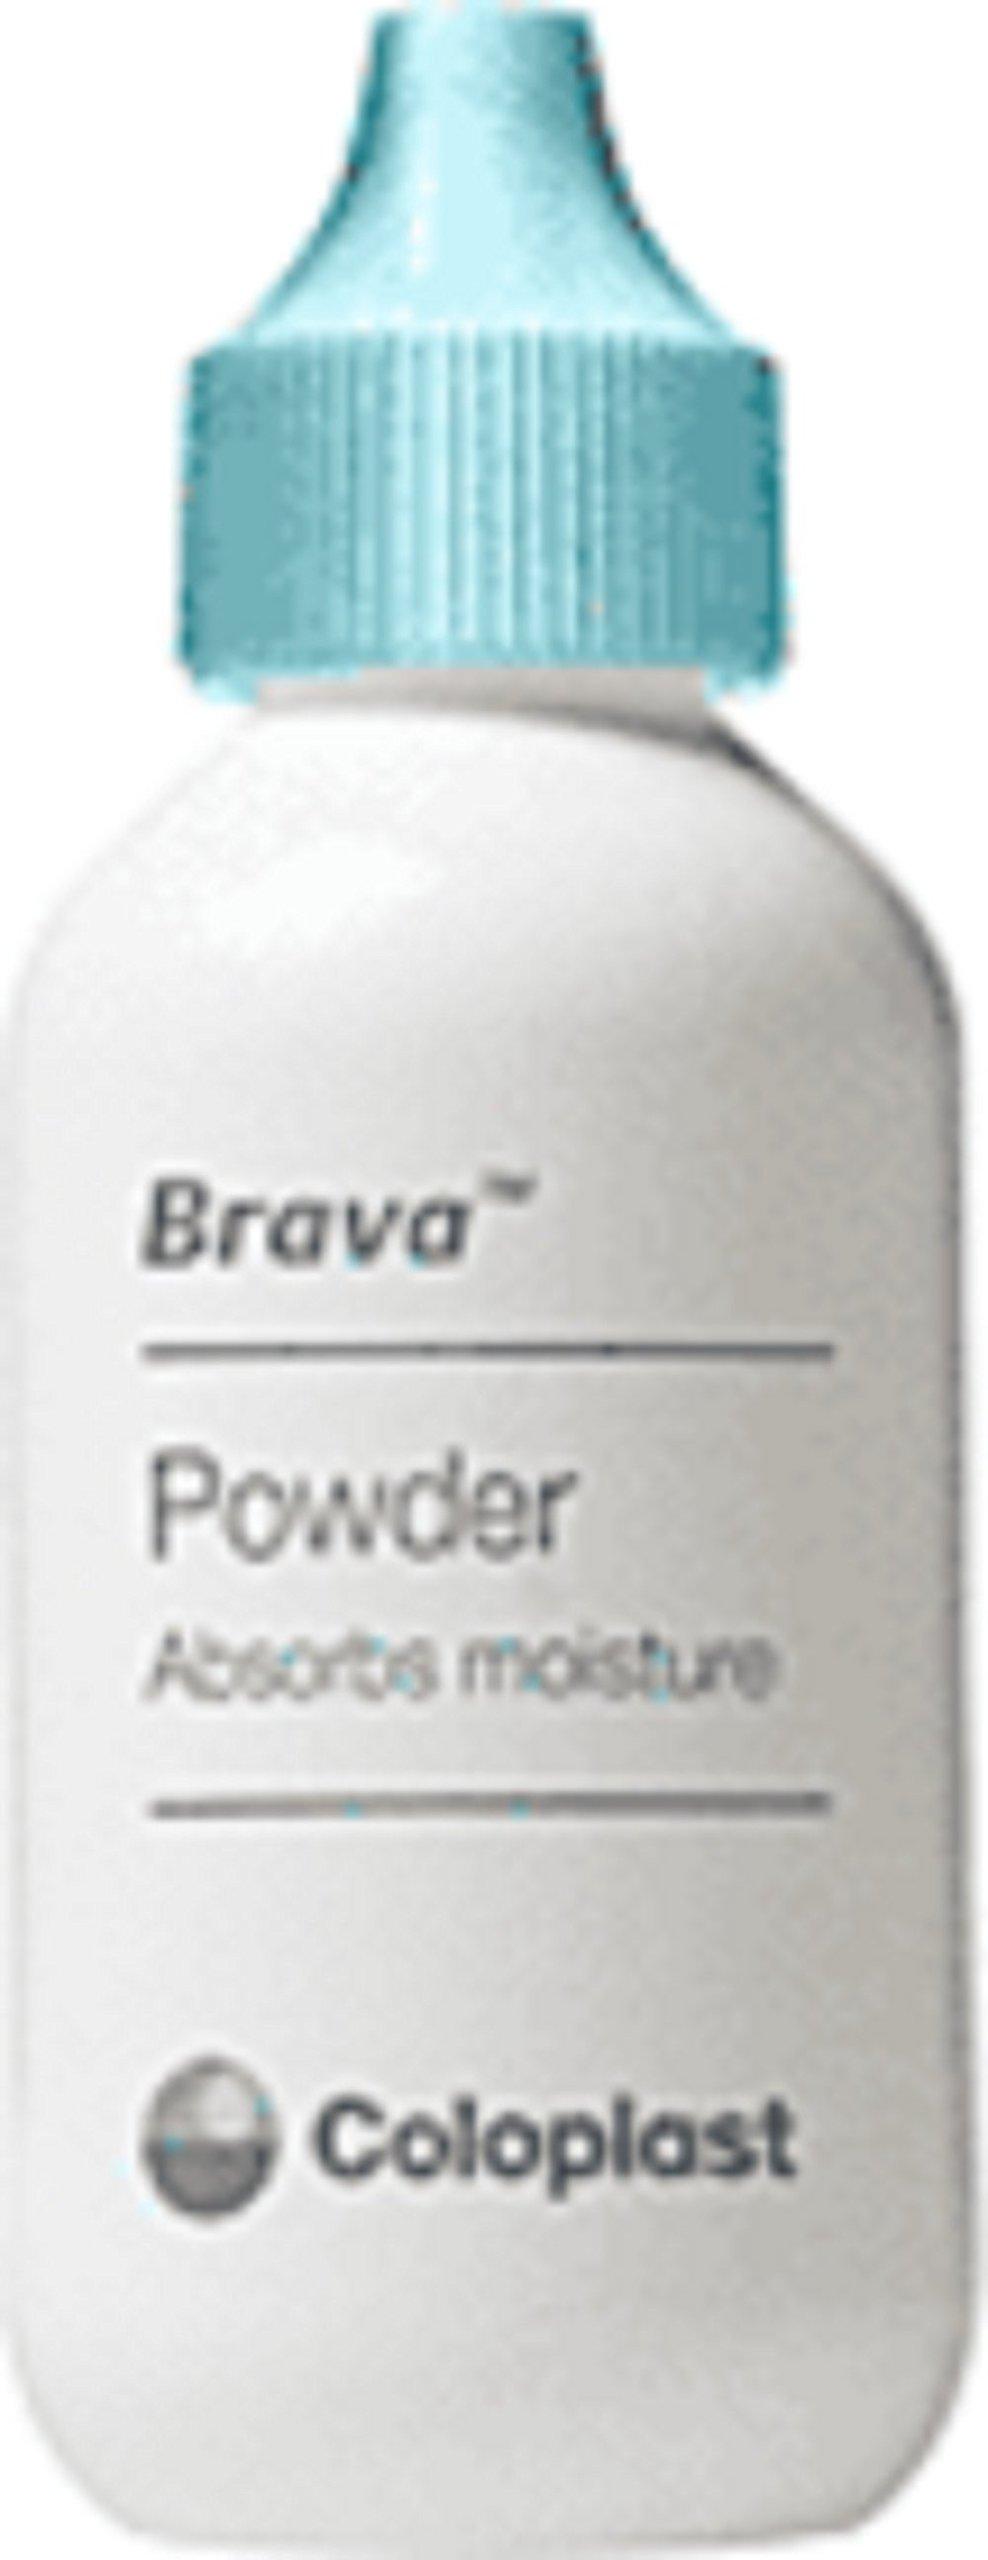 Coloplast - Brava - Ostomy Powder - 1 oz by Brava